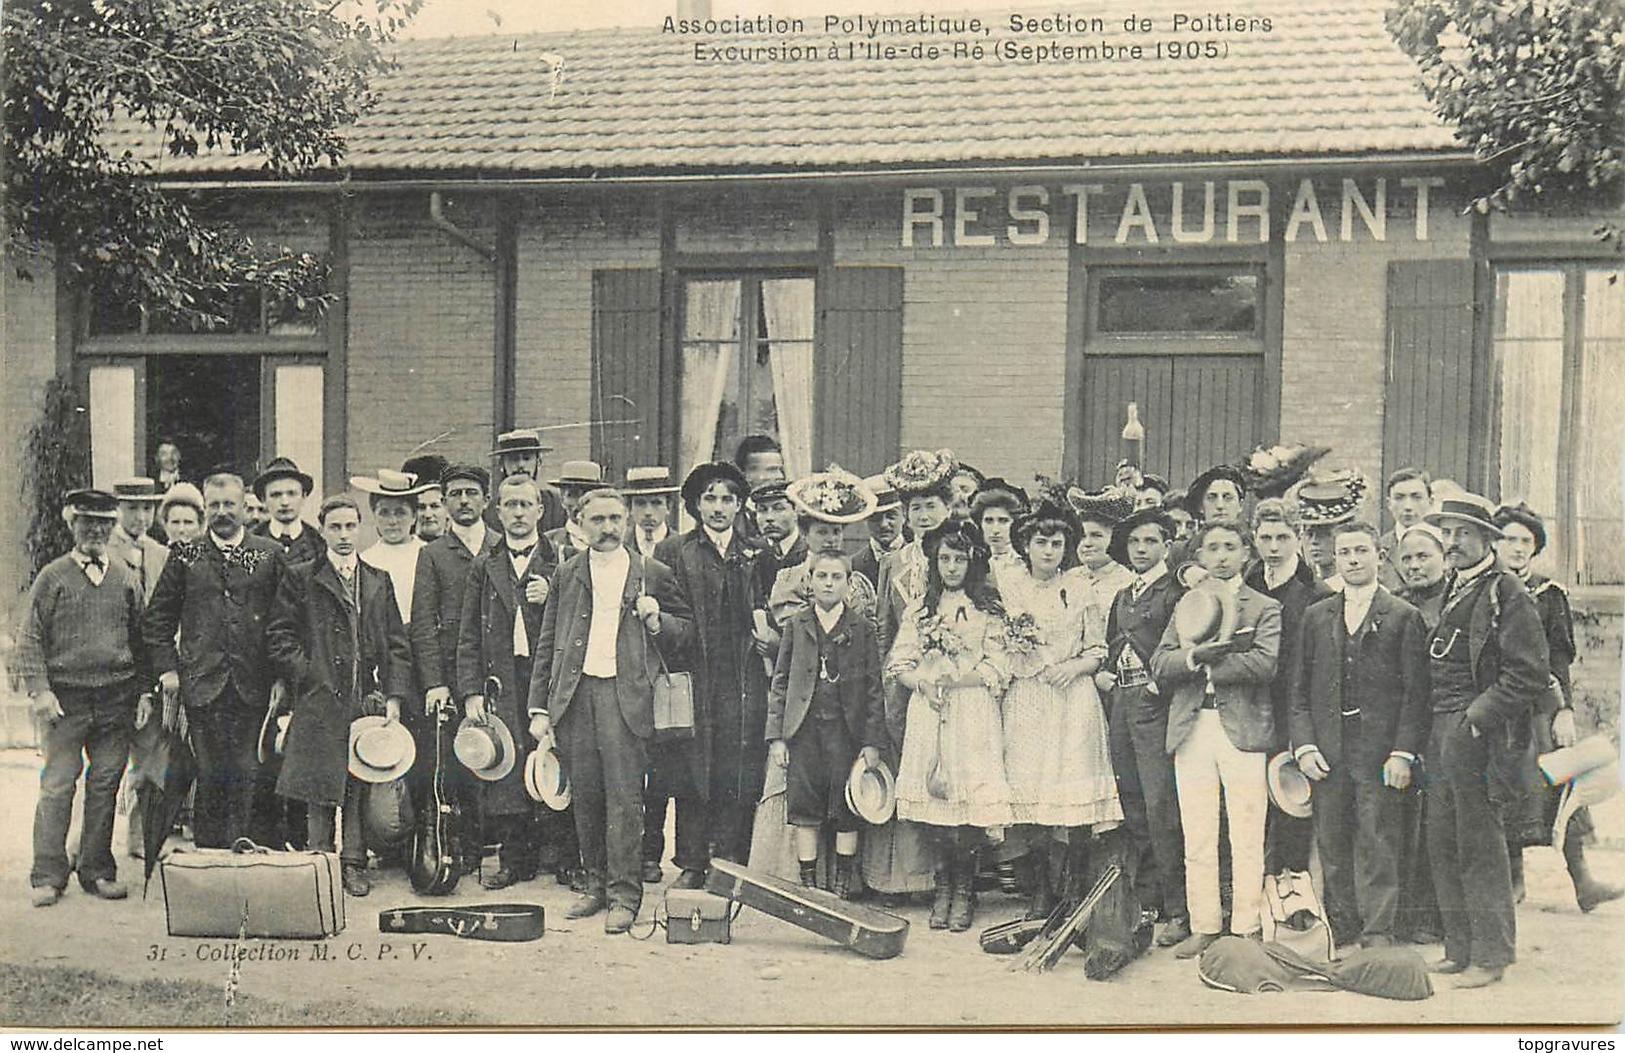 CP ASSOCIATION POLYMATIQUE SECTION DE POITIERS EXCURSION A L'ILE DE RE SEPTEMBRE 1905 - Ile De Ré